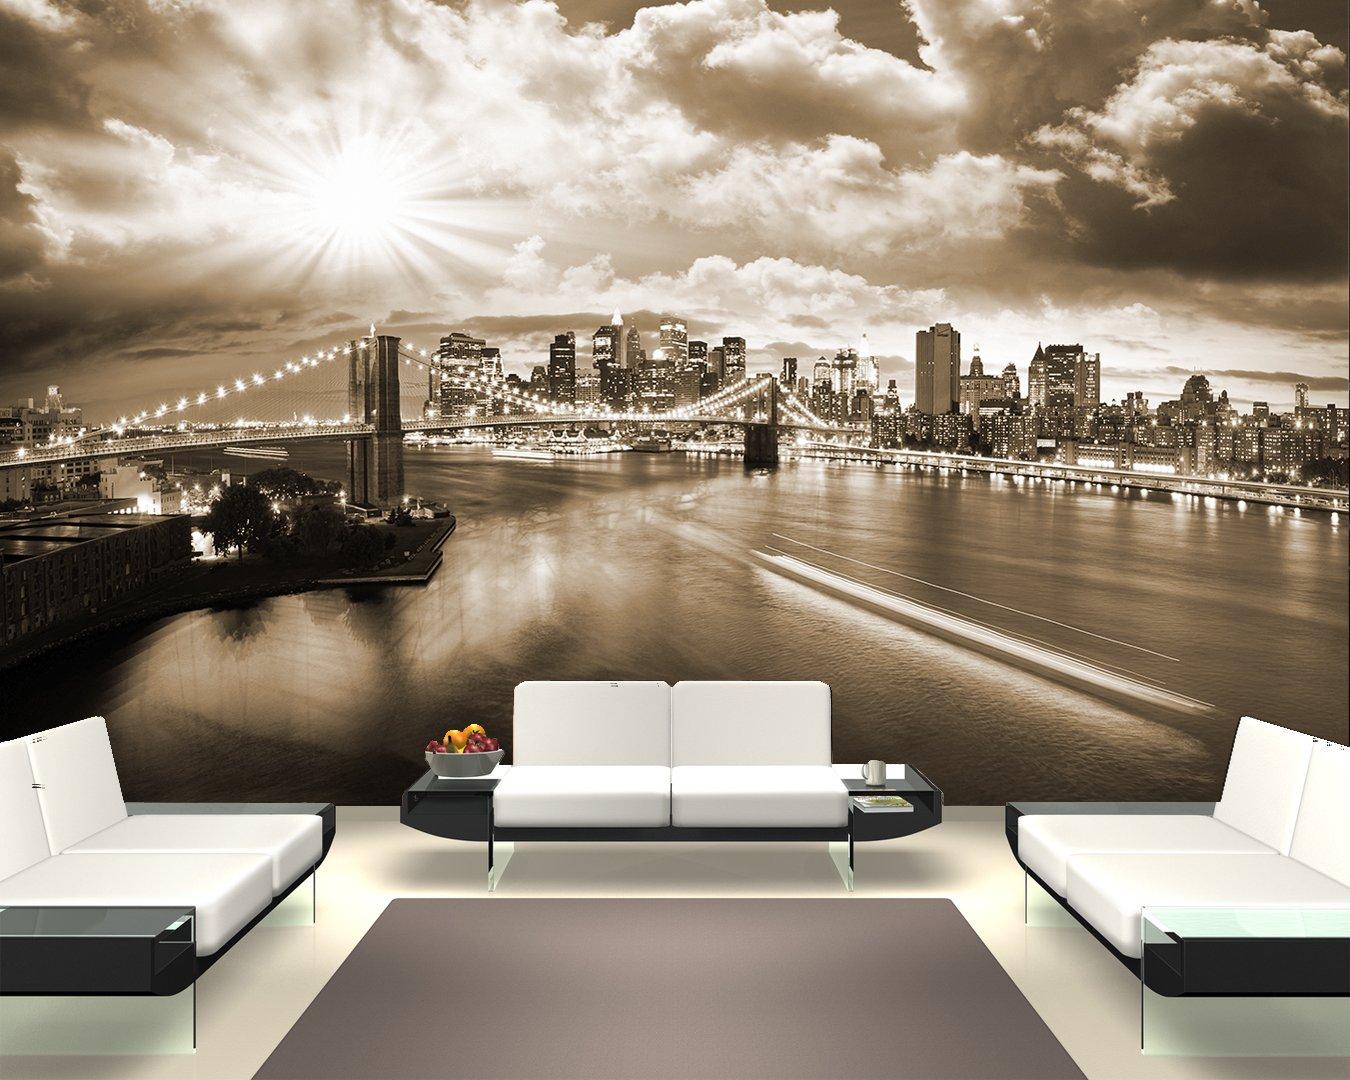 Selbstklebende Fototapete - New York - schwarz schwarz schwarz Weiss - 230x150 cm - Wandtapete – Poster – Dekoration – Wandbild – Wandposter - Bild – Wandbilder - Wanddeko 4b9ffe